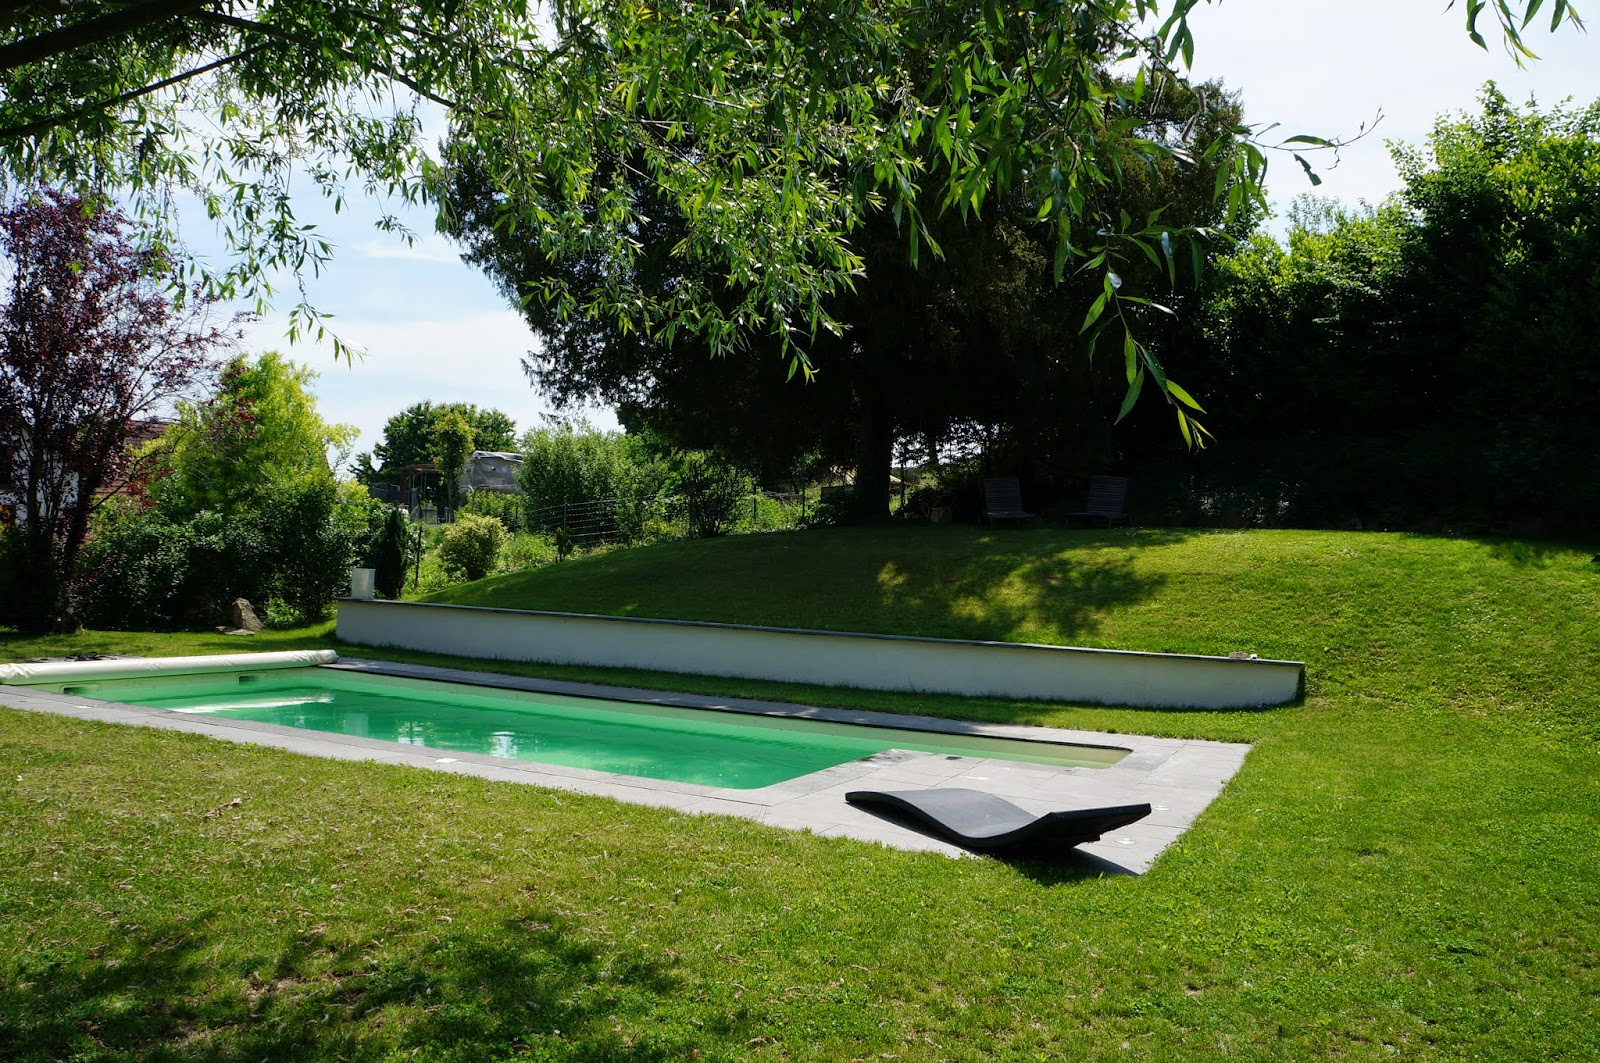 La piscine maison traditionnelle alsacienne steinbrunn for Piscine 3 05 x 0 91